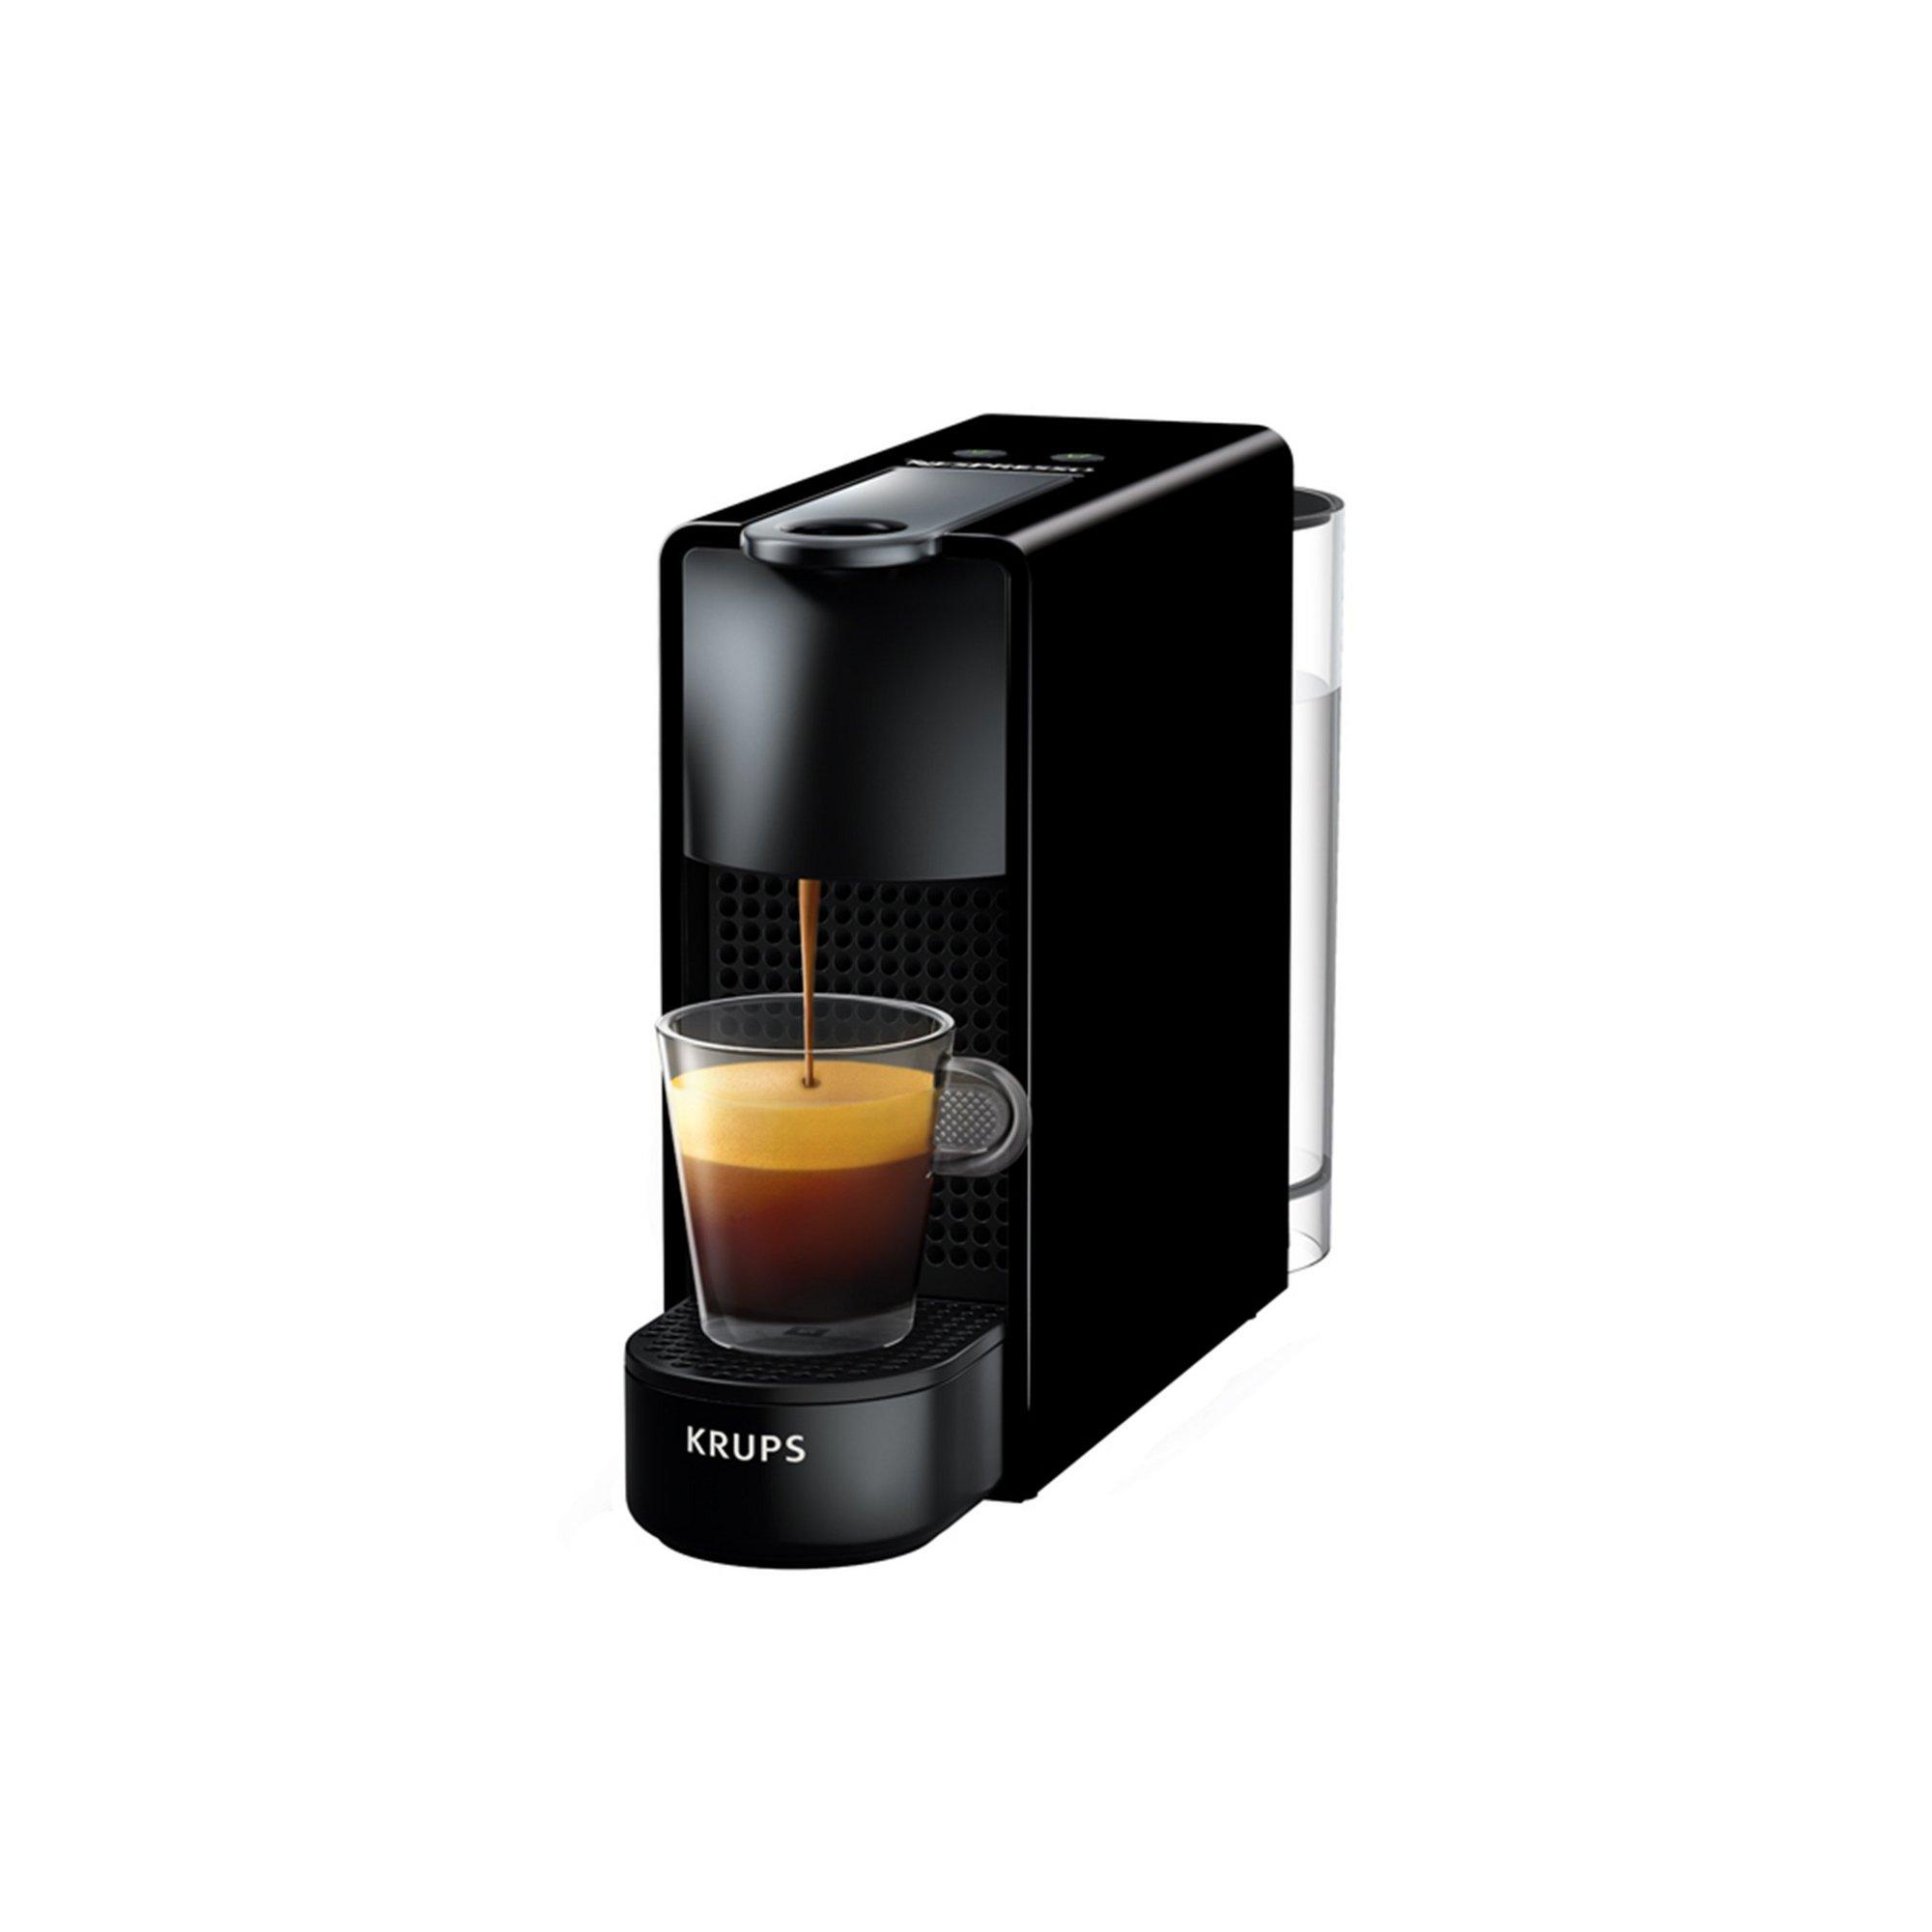 Image of Krups Nespresso Essenza Mini Coffee Machine